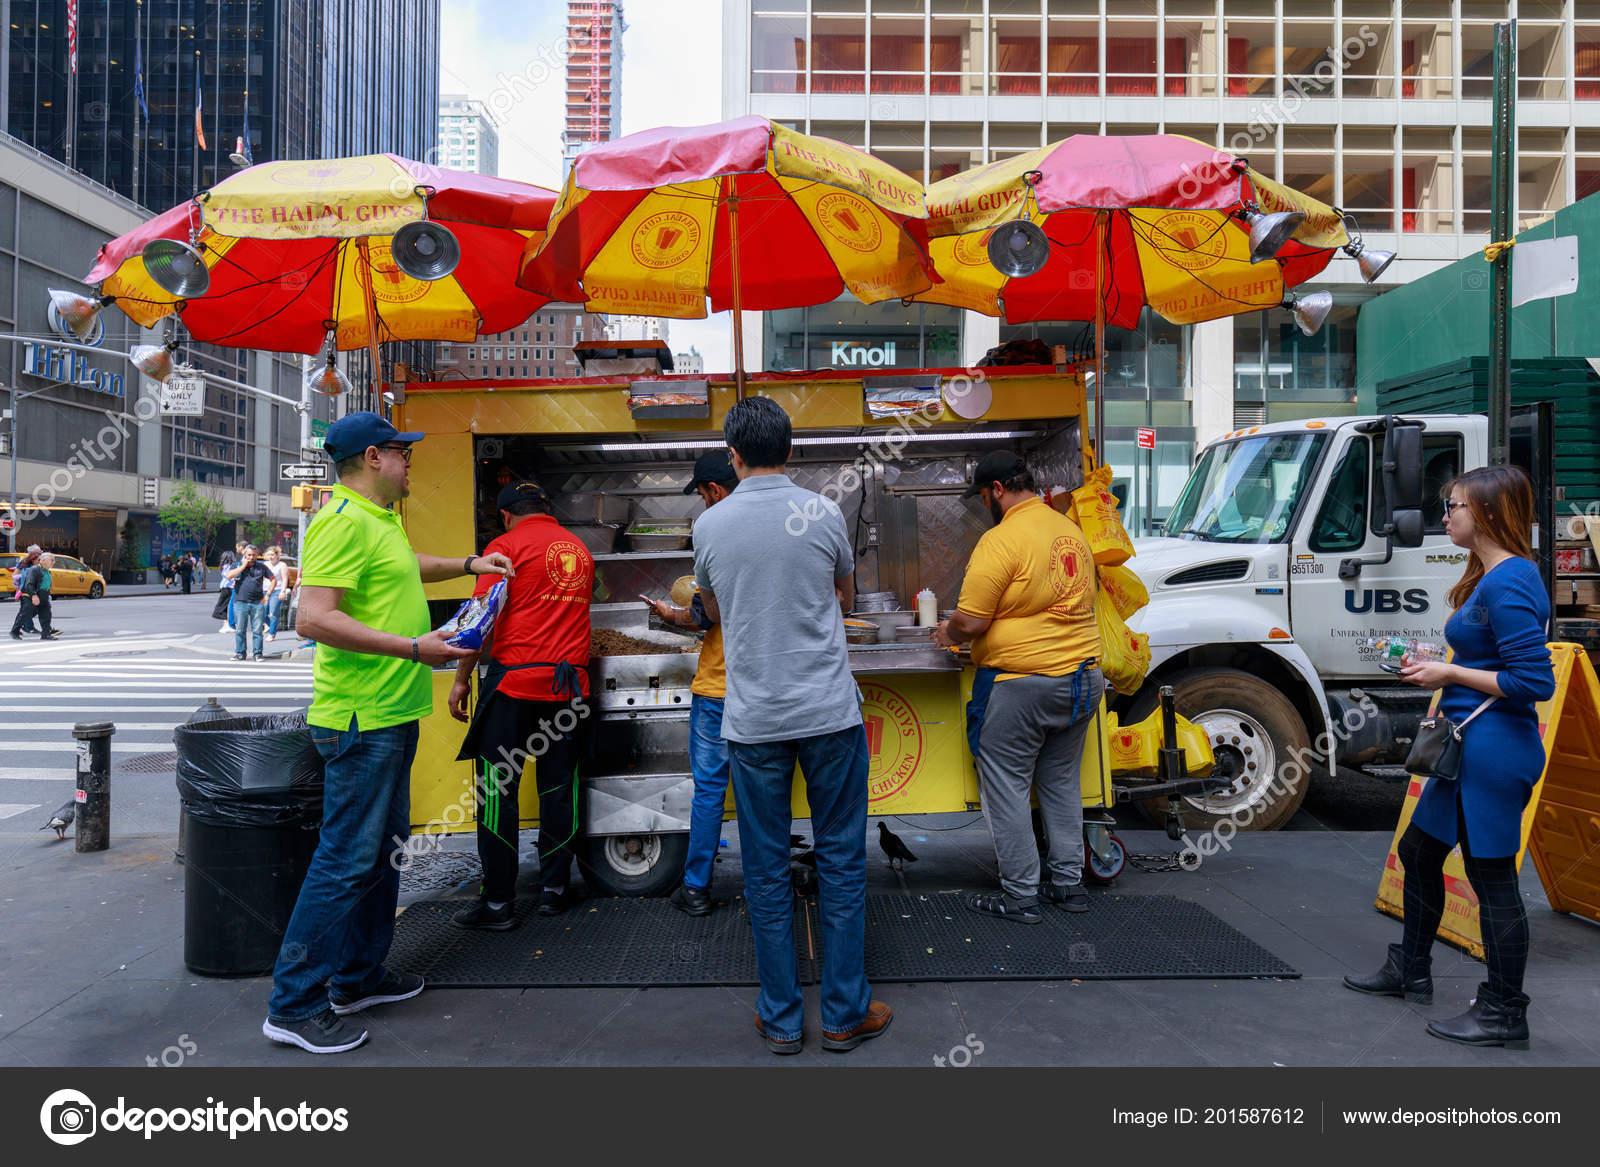 New York Usa May 2018 Halal Guys Street Food New – Stock